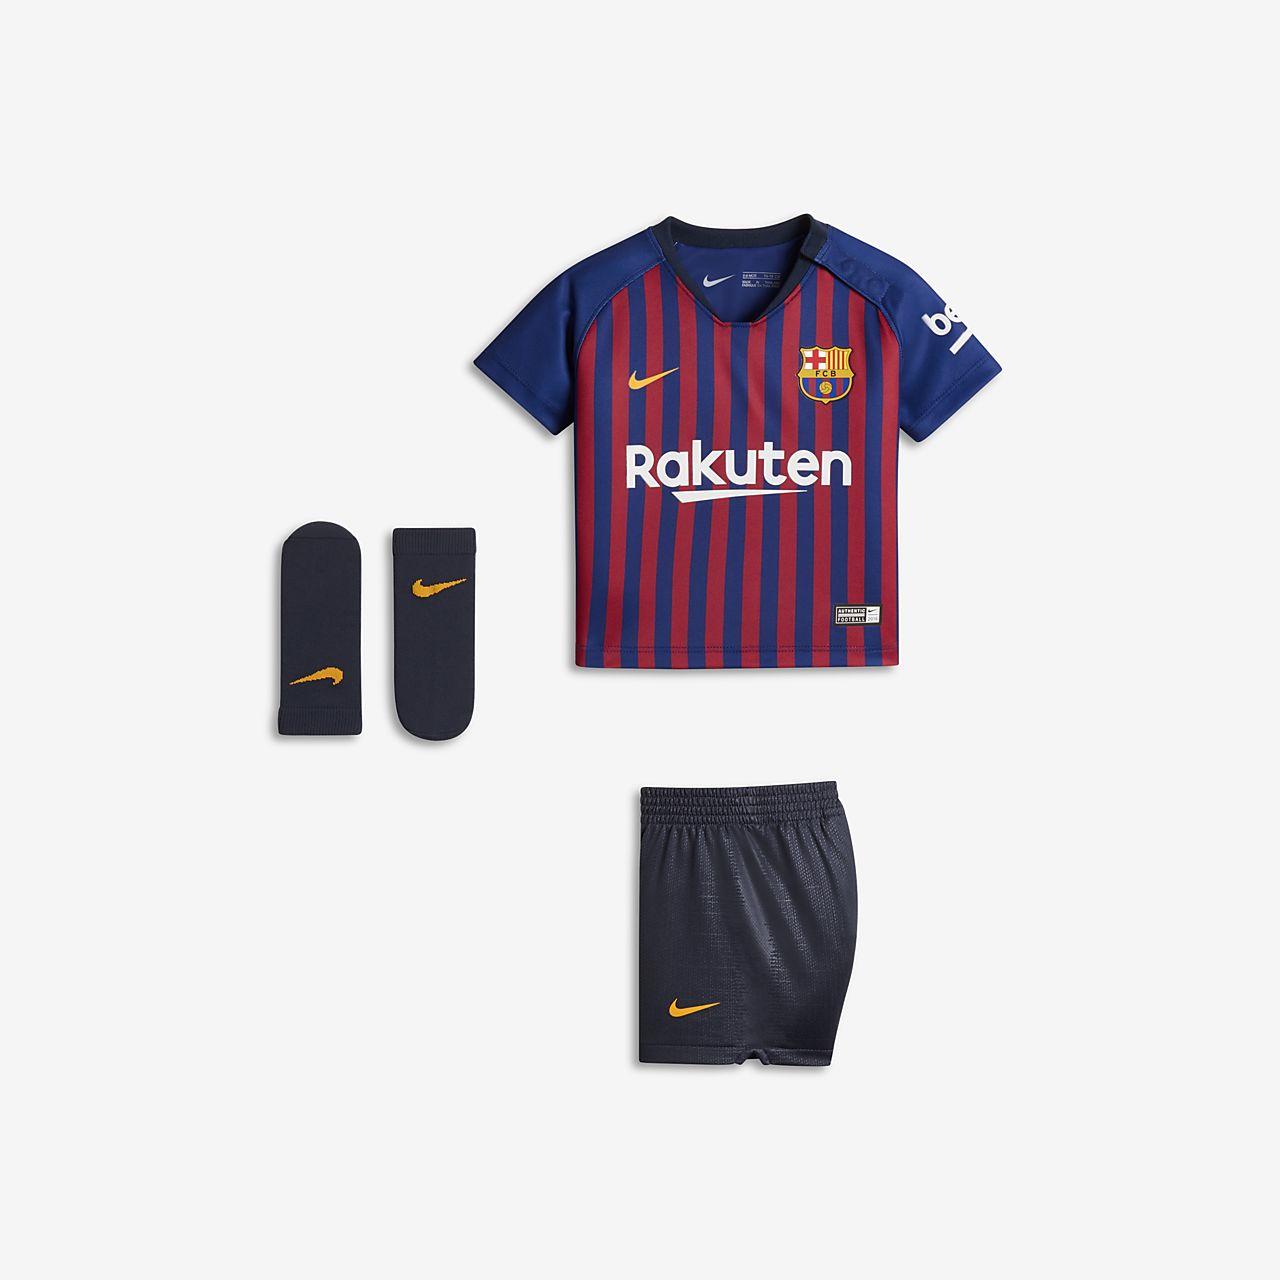 Uniforme de fútbol para bebé 2018 19 FC Barcelona Stadium Home. Nike ... 60128c2827fbd